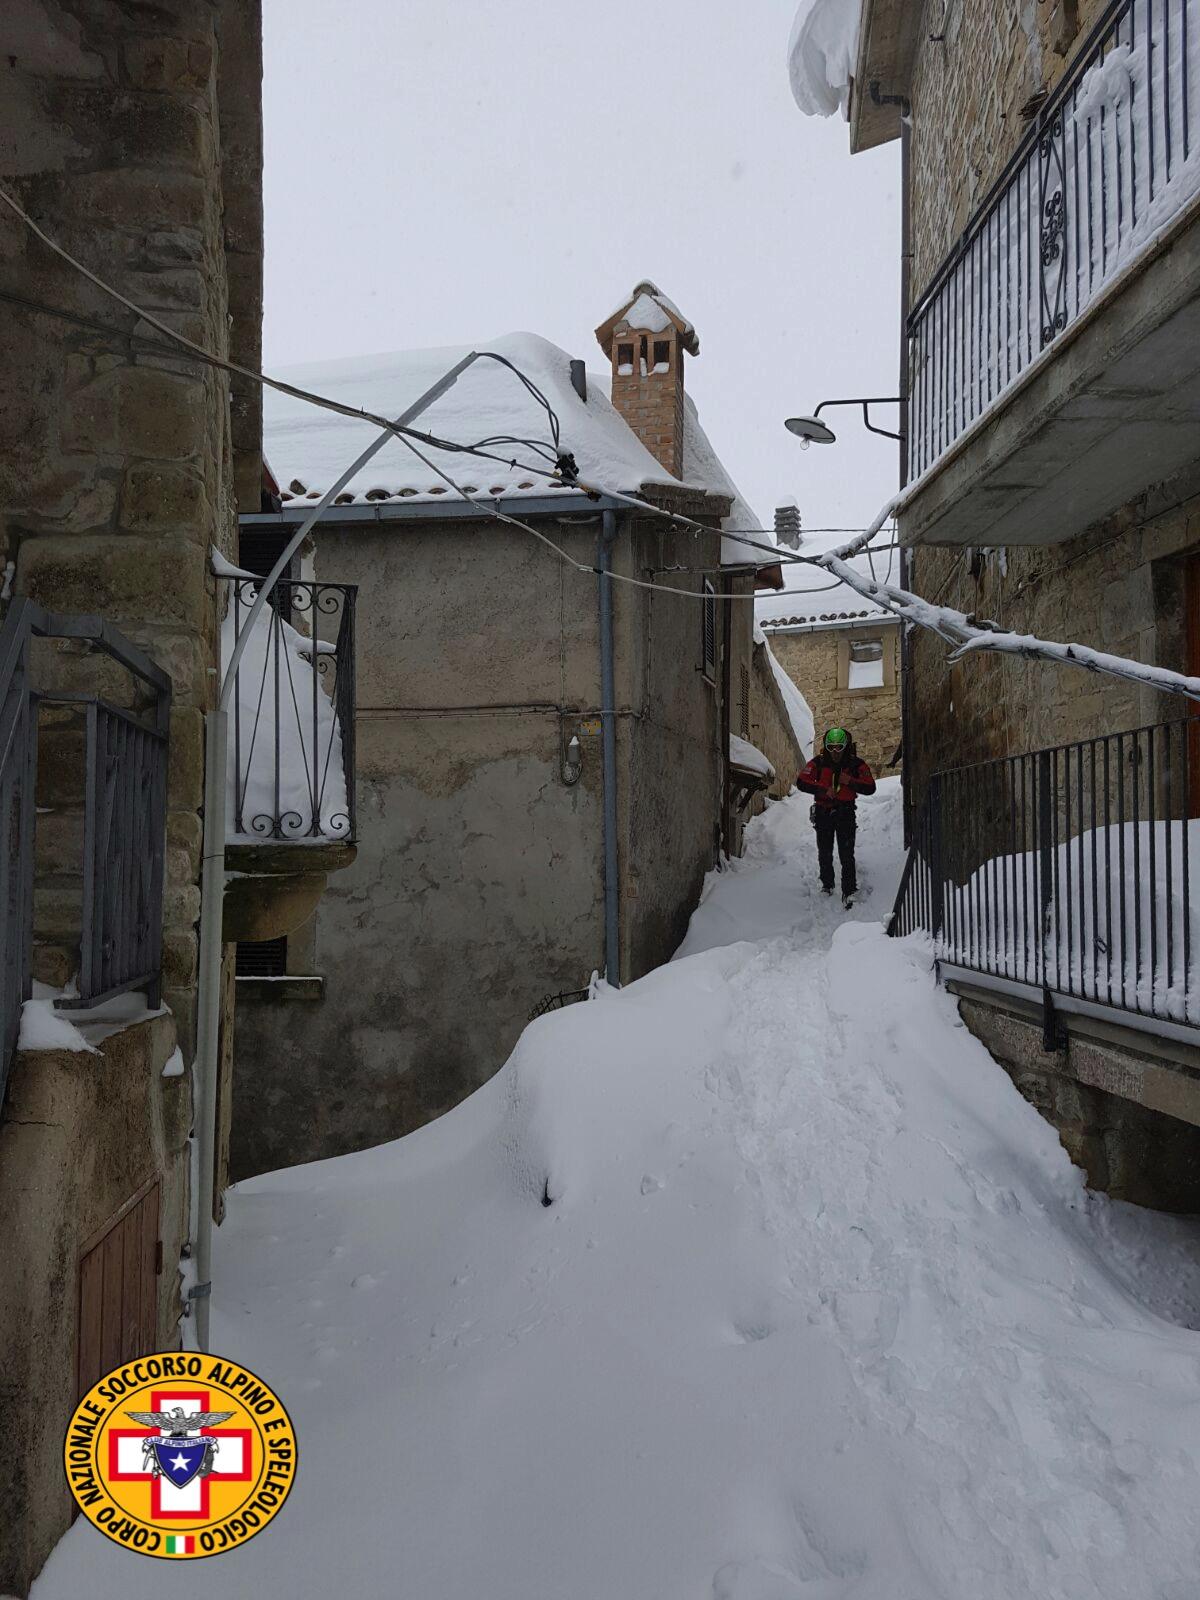 Emergenza neve in Centro Italia: il cuore straordinario dell'Italia che sa aiutare gli altri | Emergency Live 28